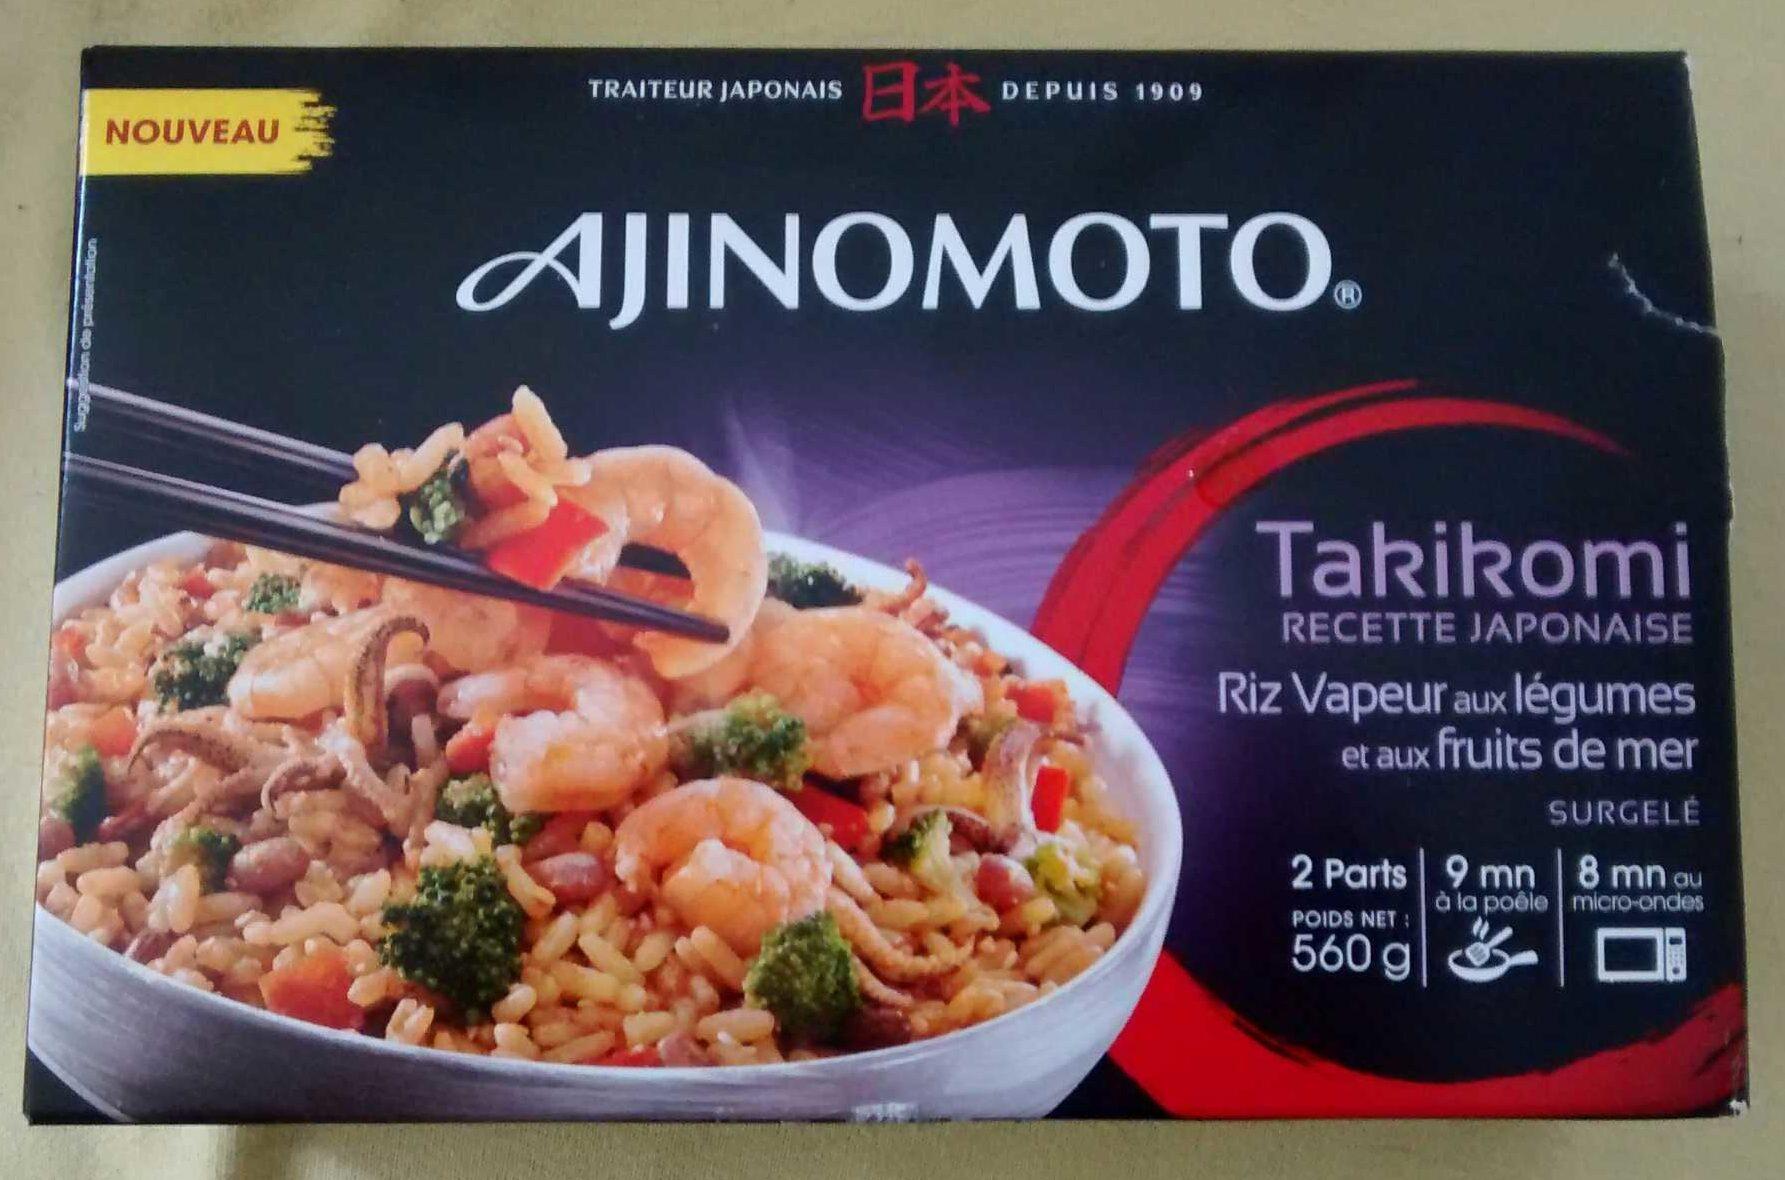 Takikomi recette japonaise riz vapeur aux légumes et aux fruits de mer - Produit - fr